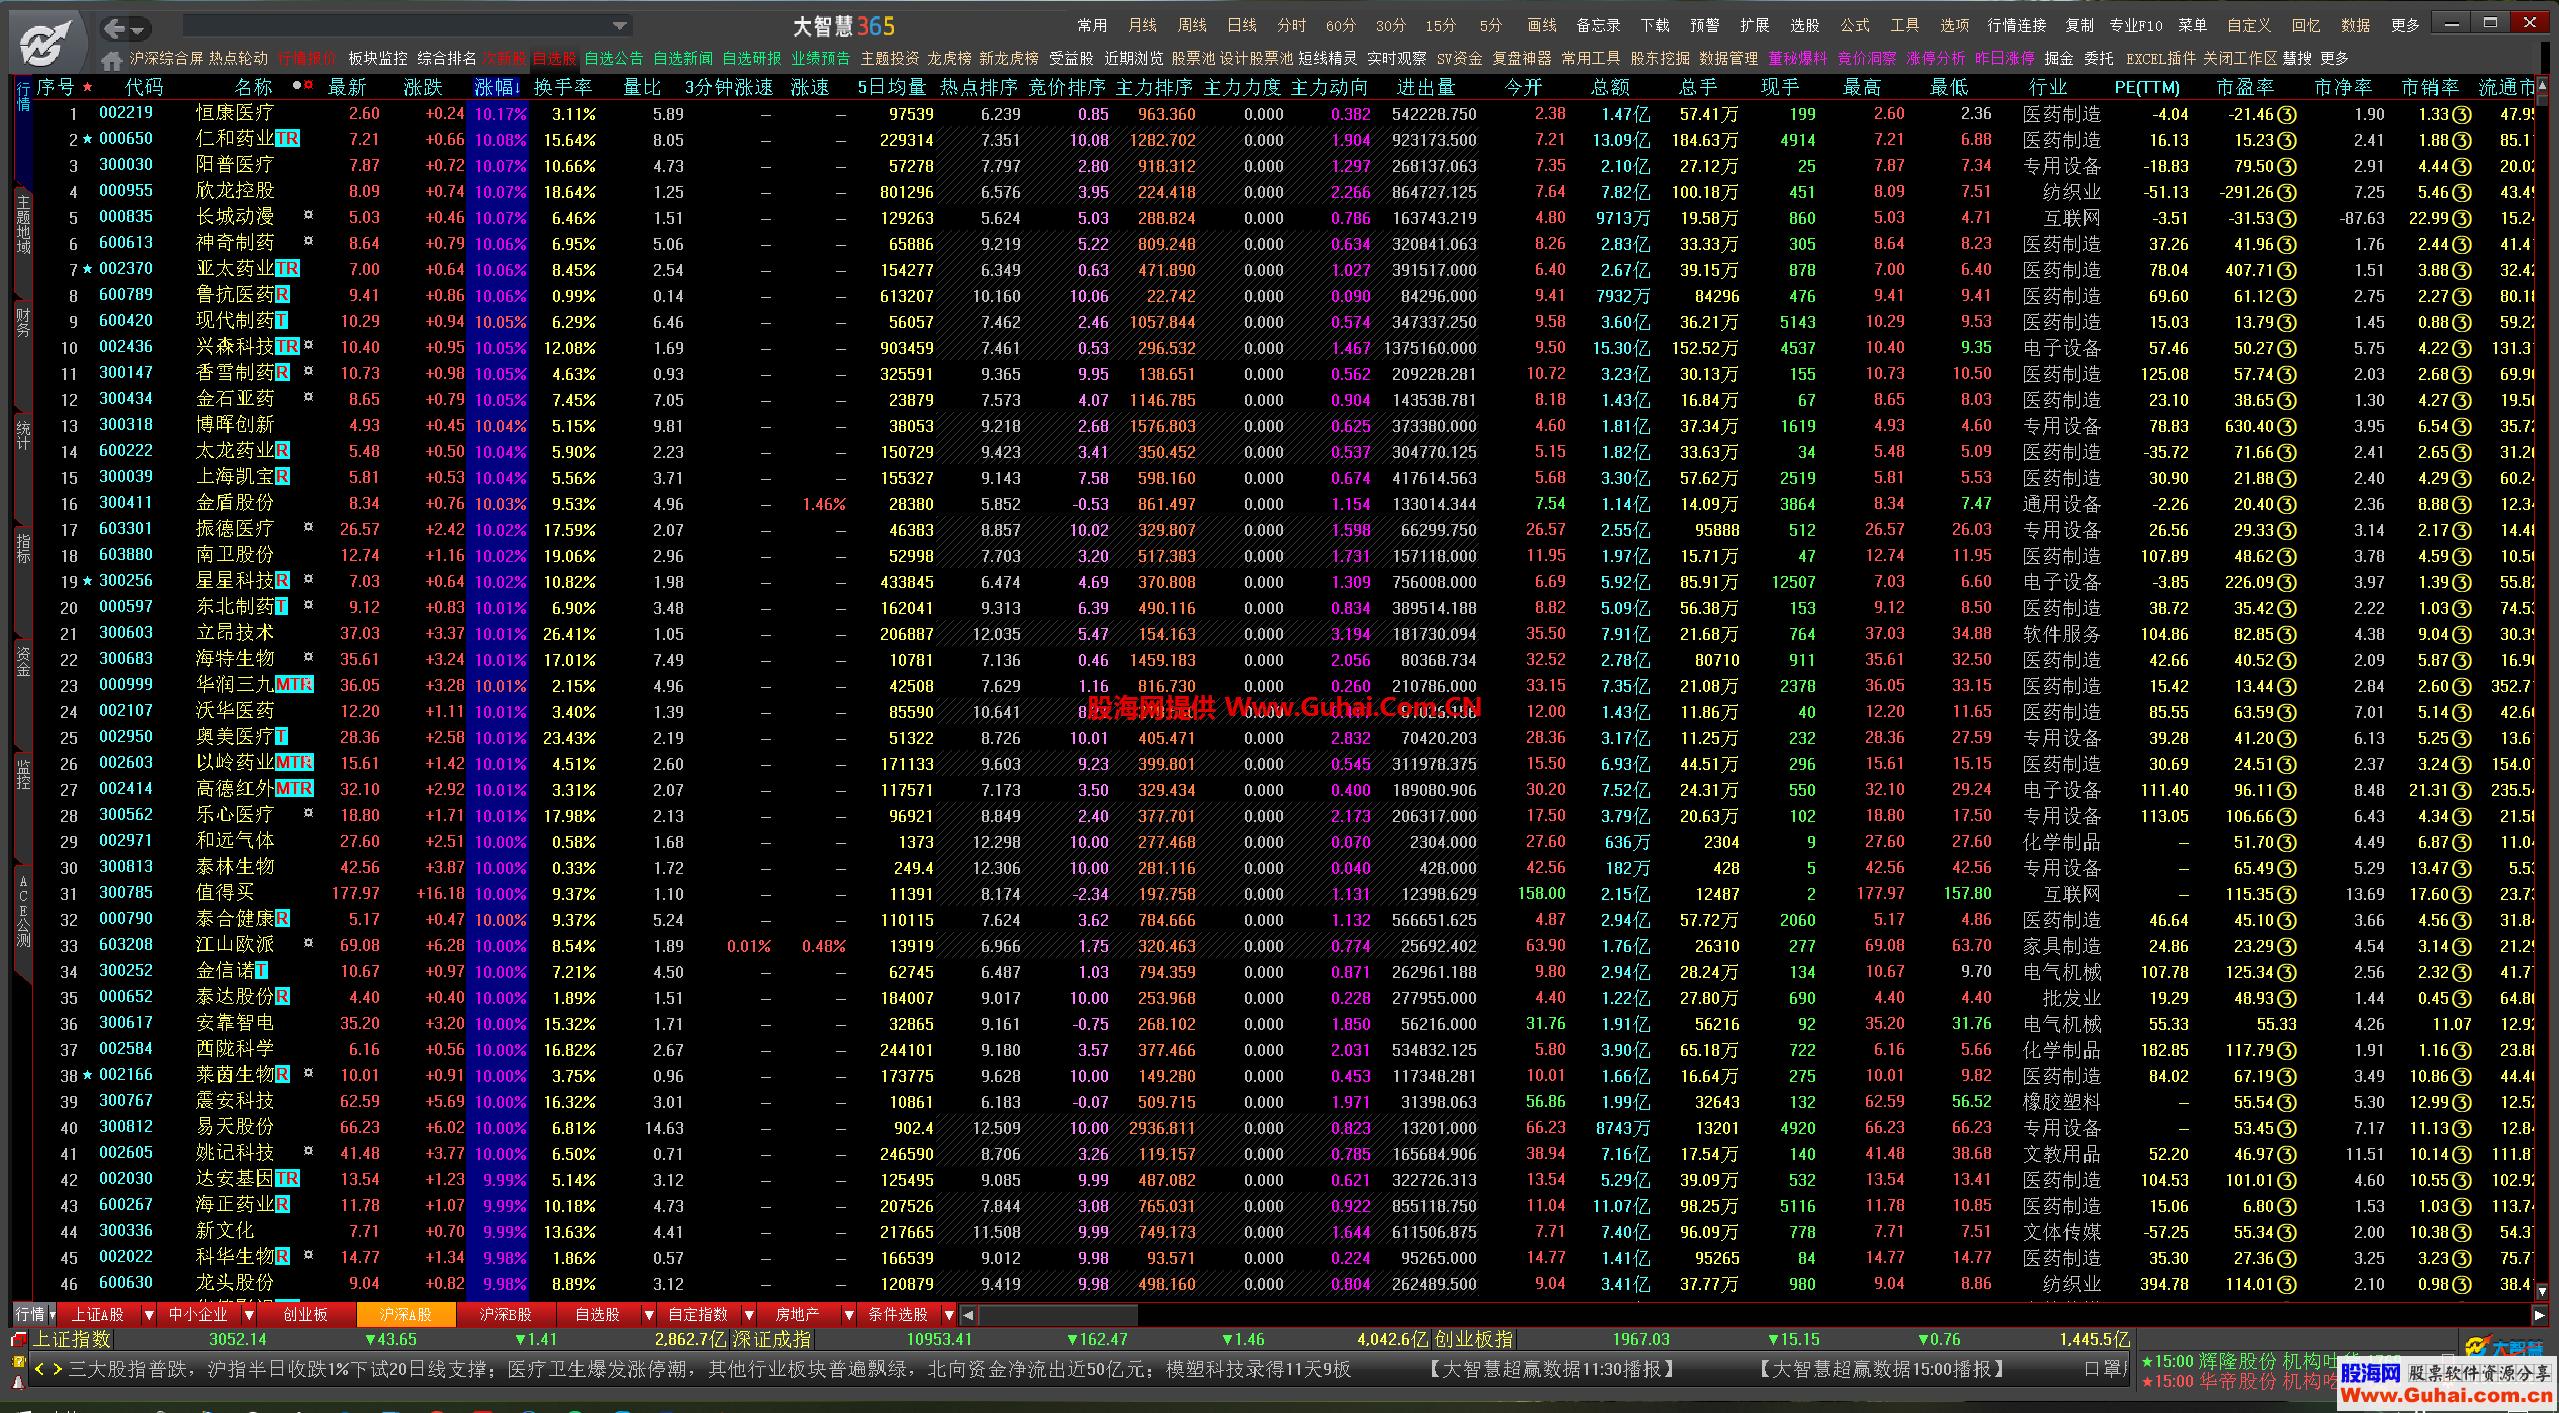 大智慧8.27精简实用、只留A股、剔除科创板cfg顶栏文件